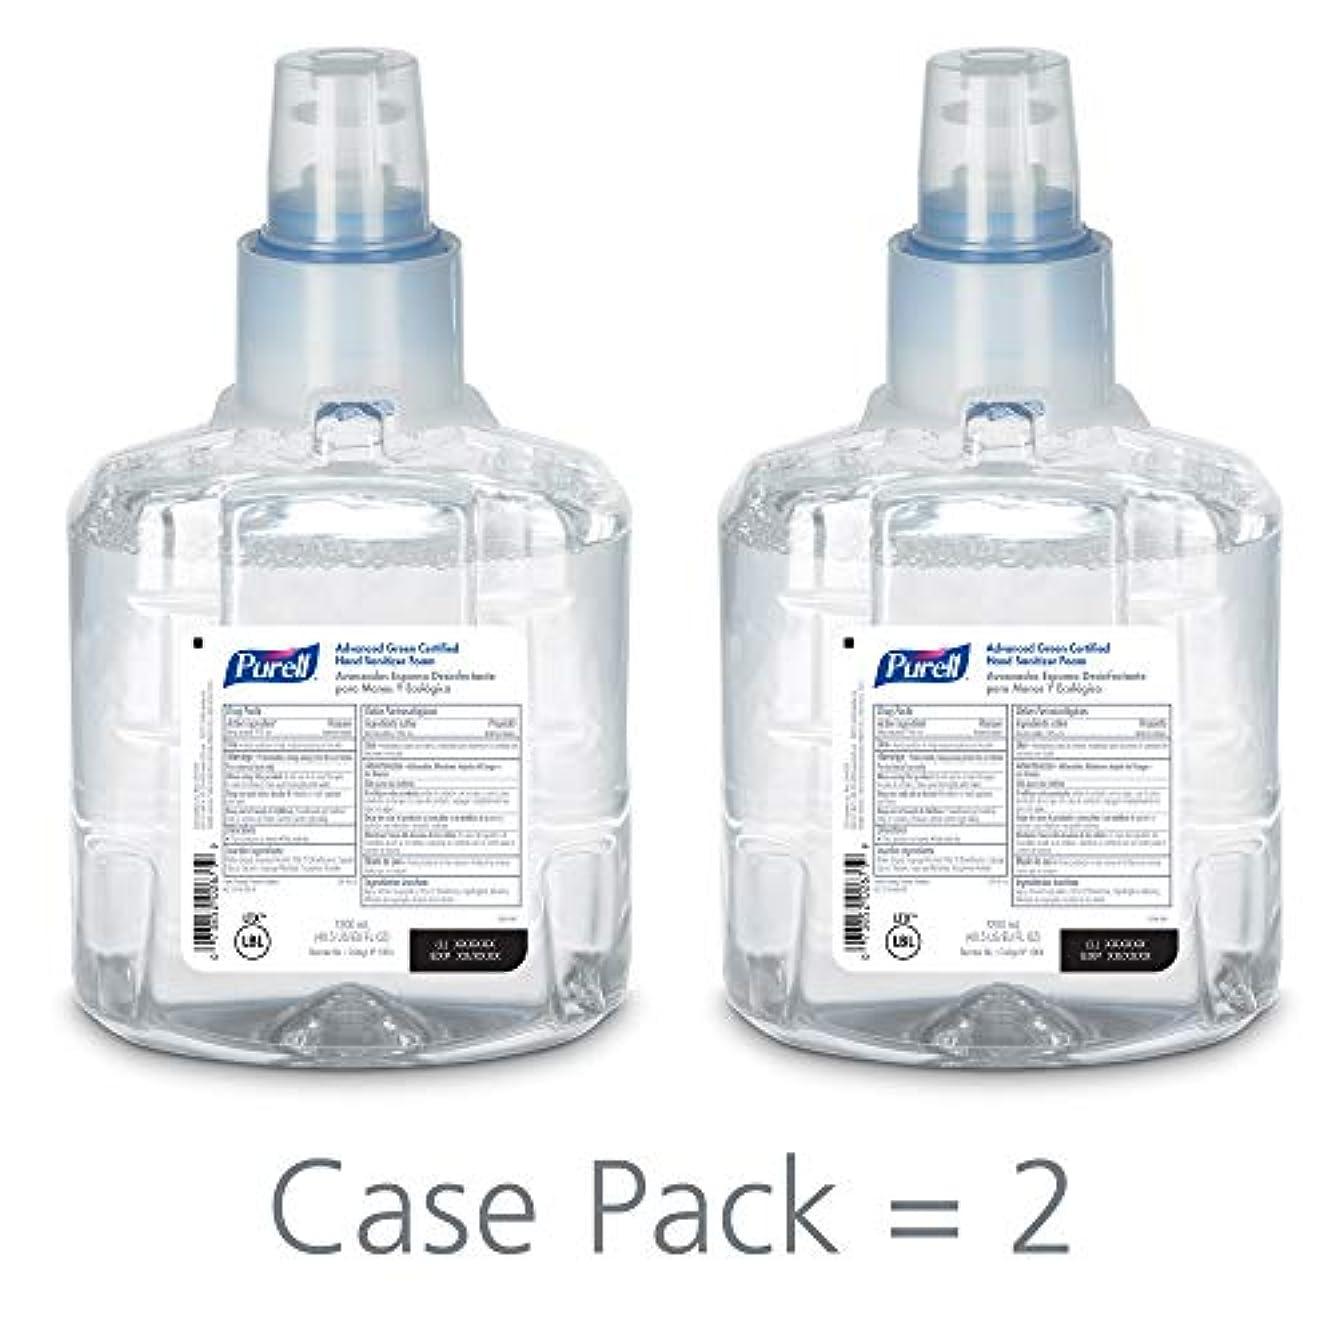 件名レバー侮辱PURELL 1904-02 1200 mL Advanced Green Certified Instant Hand Sanitizer Foam, LTX-12 Refill (Pack of 2) by Purell